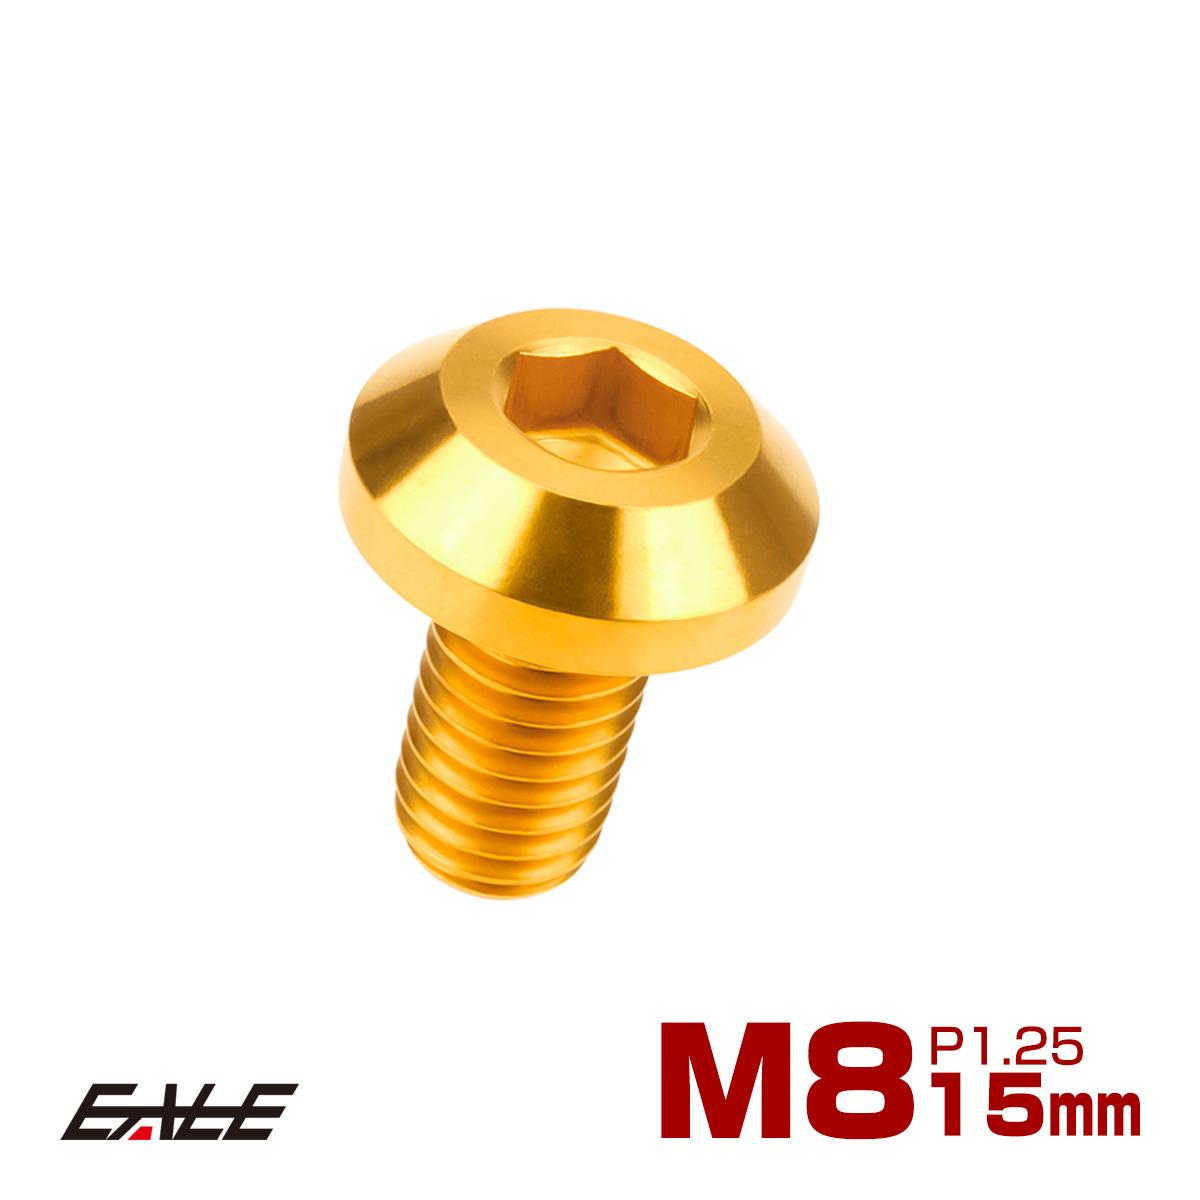 【ネコポス可】 64チタン製 ボタンボルト M8×15mm P1.25 六角穴 テーパーヘッド カスタムボルト ゴールド JA747